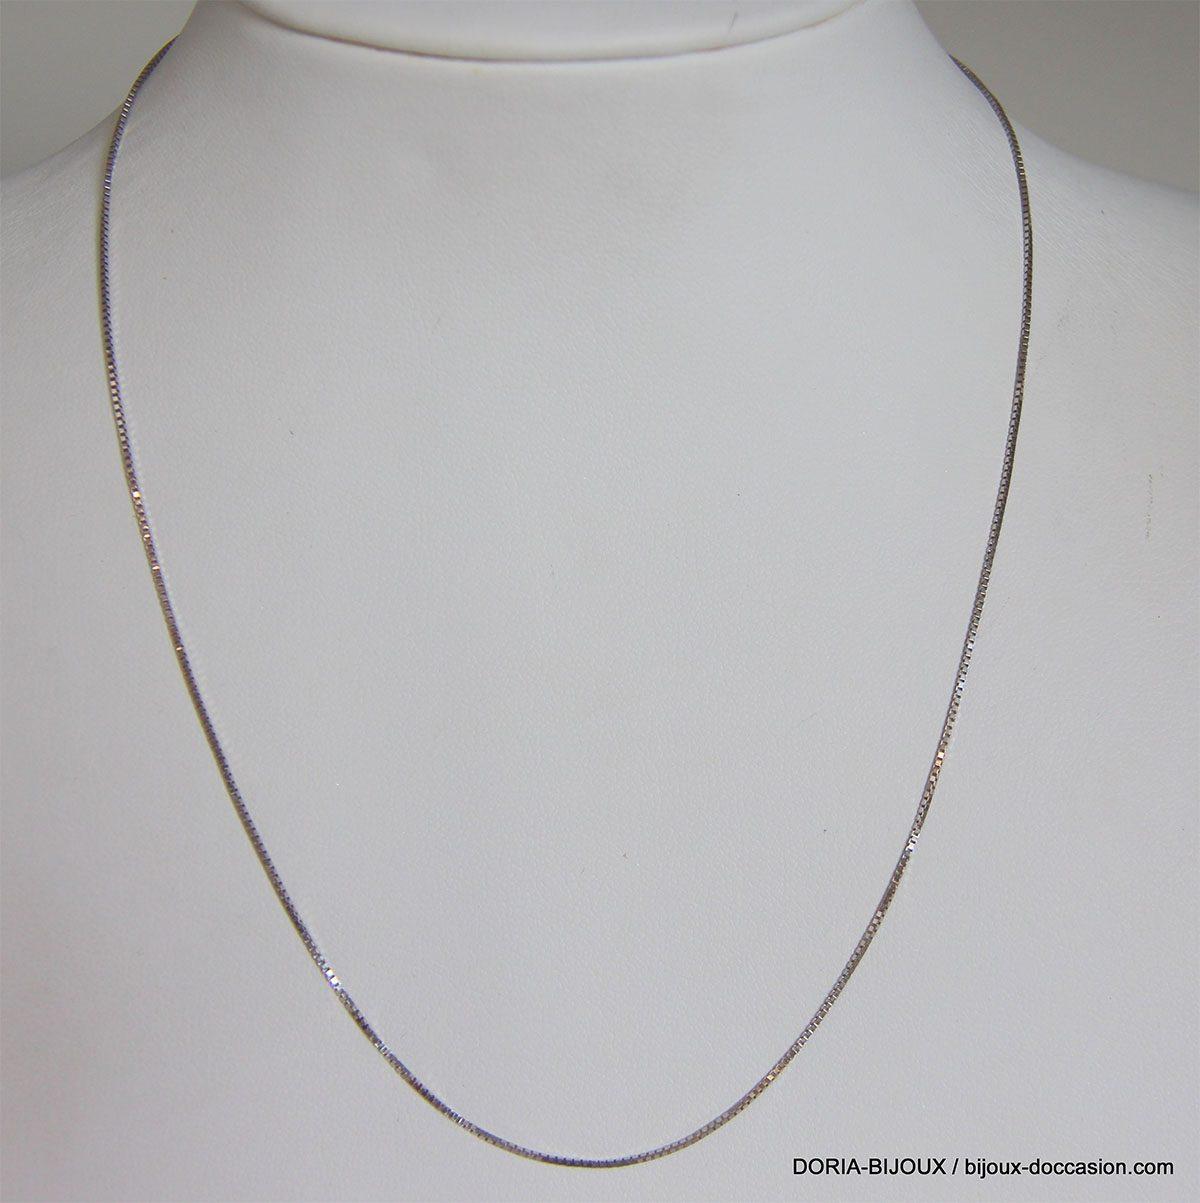 Chaine Or Gris 18k 750 Maille Venitienne 38cm-